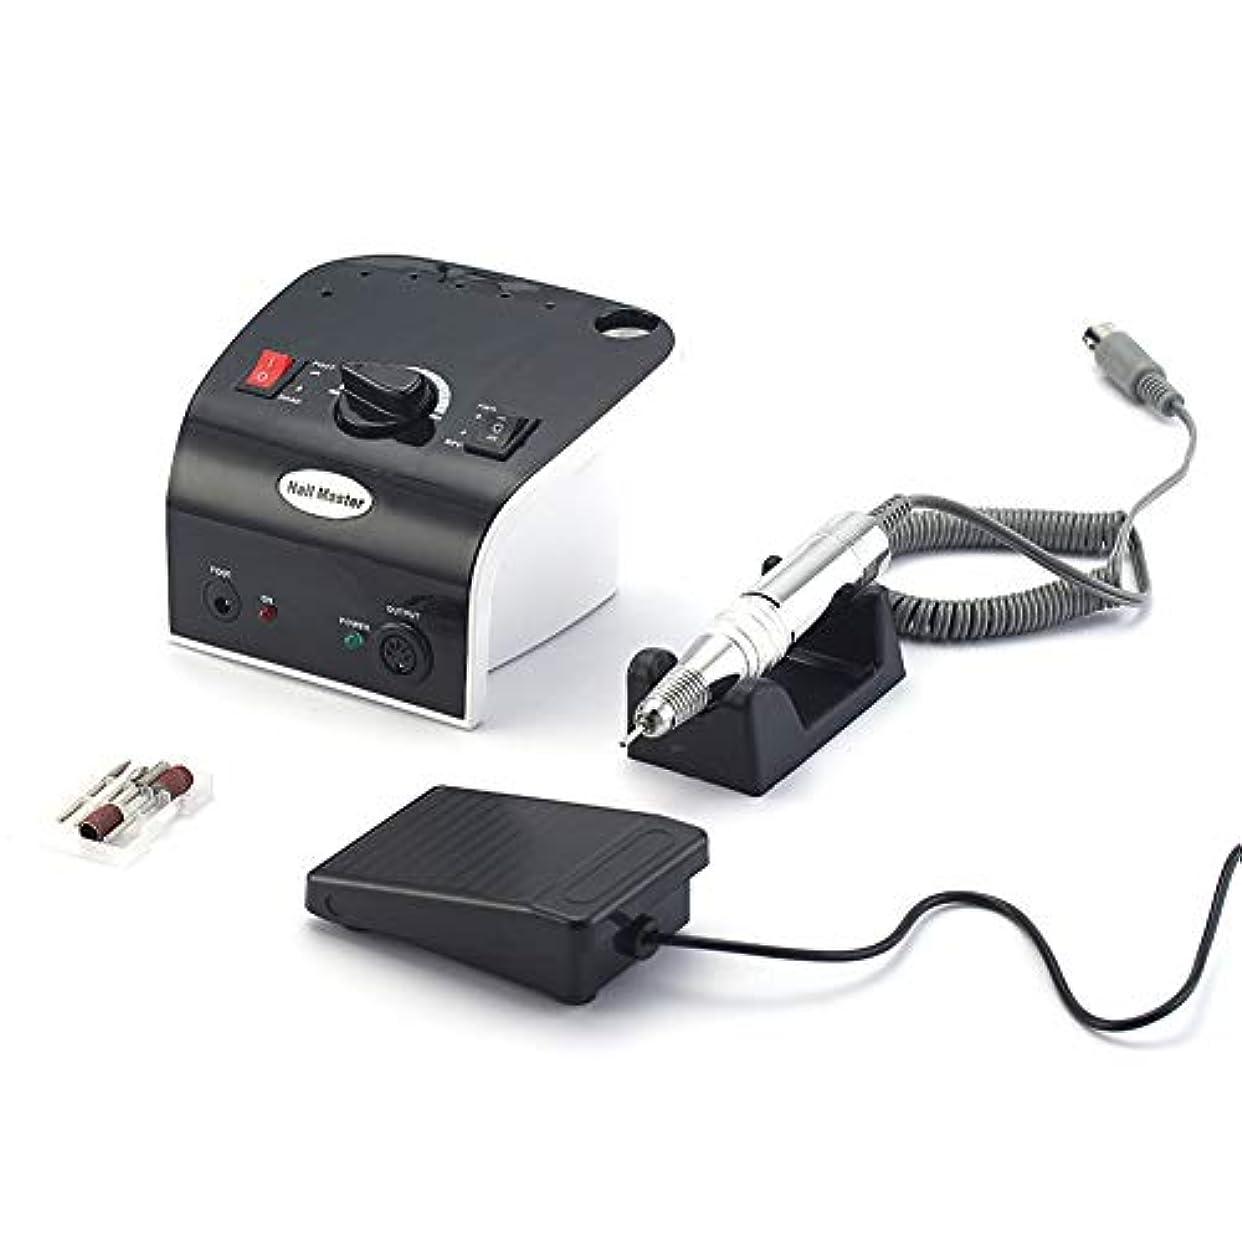 恋人野望疑問を超えて電気ネイルドリルマシン35W 35000RPM高品質モデルハンドピースマニキュアペディキュアマシンネイルファイルビットネイルアート機器